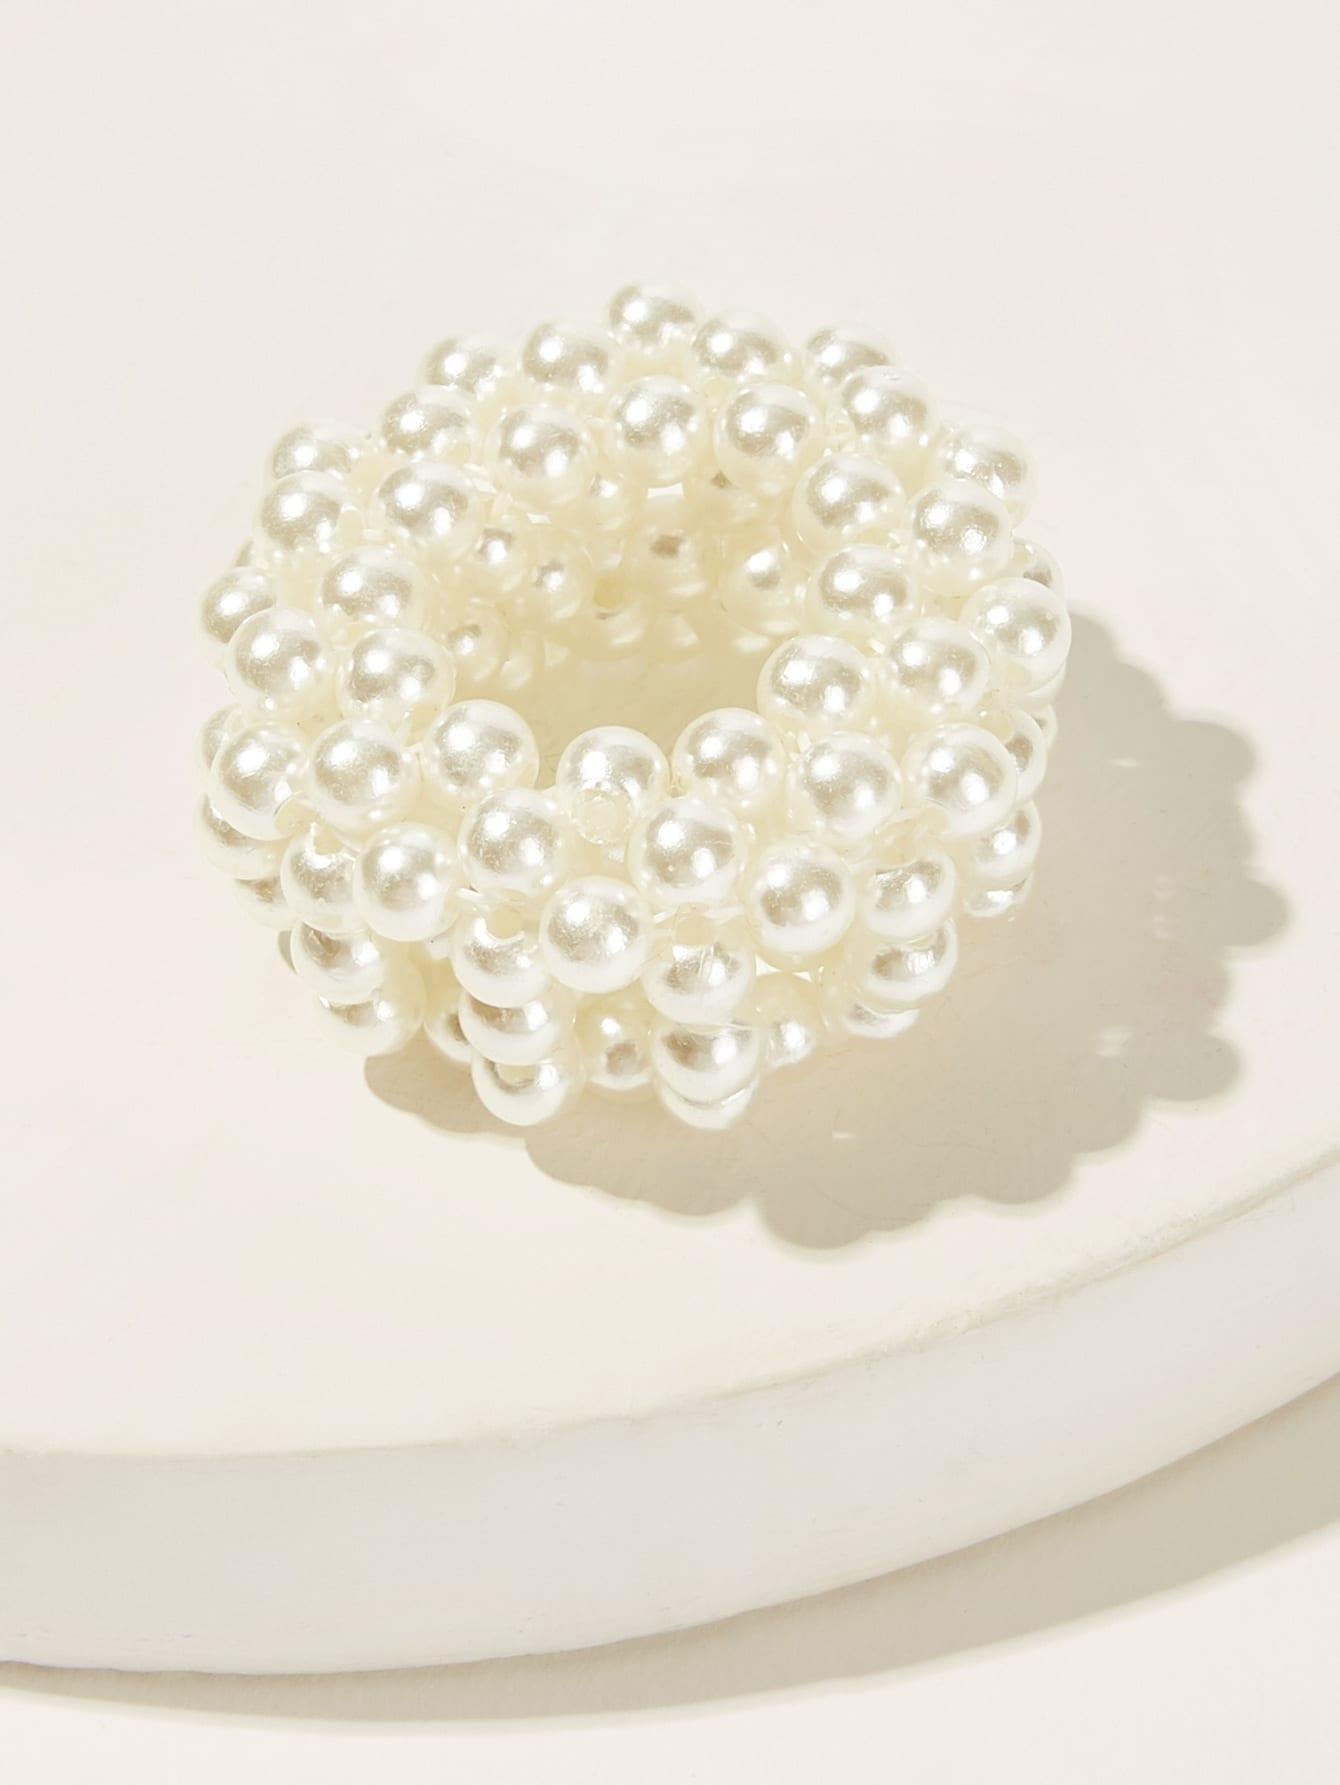 Фото - Аксессуар для волос из искусственного жемчуга от SheIn белого цвета